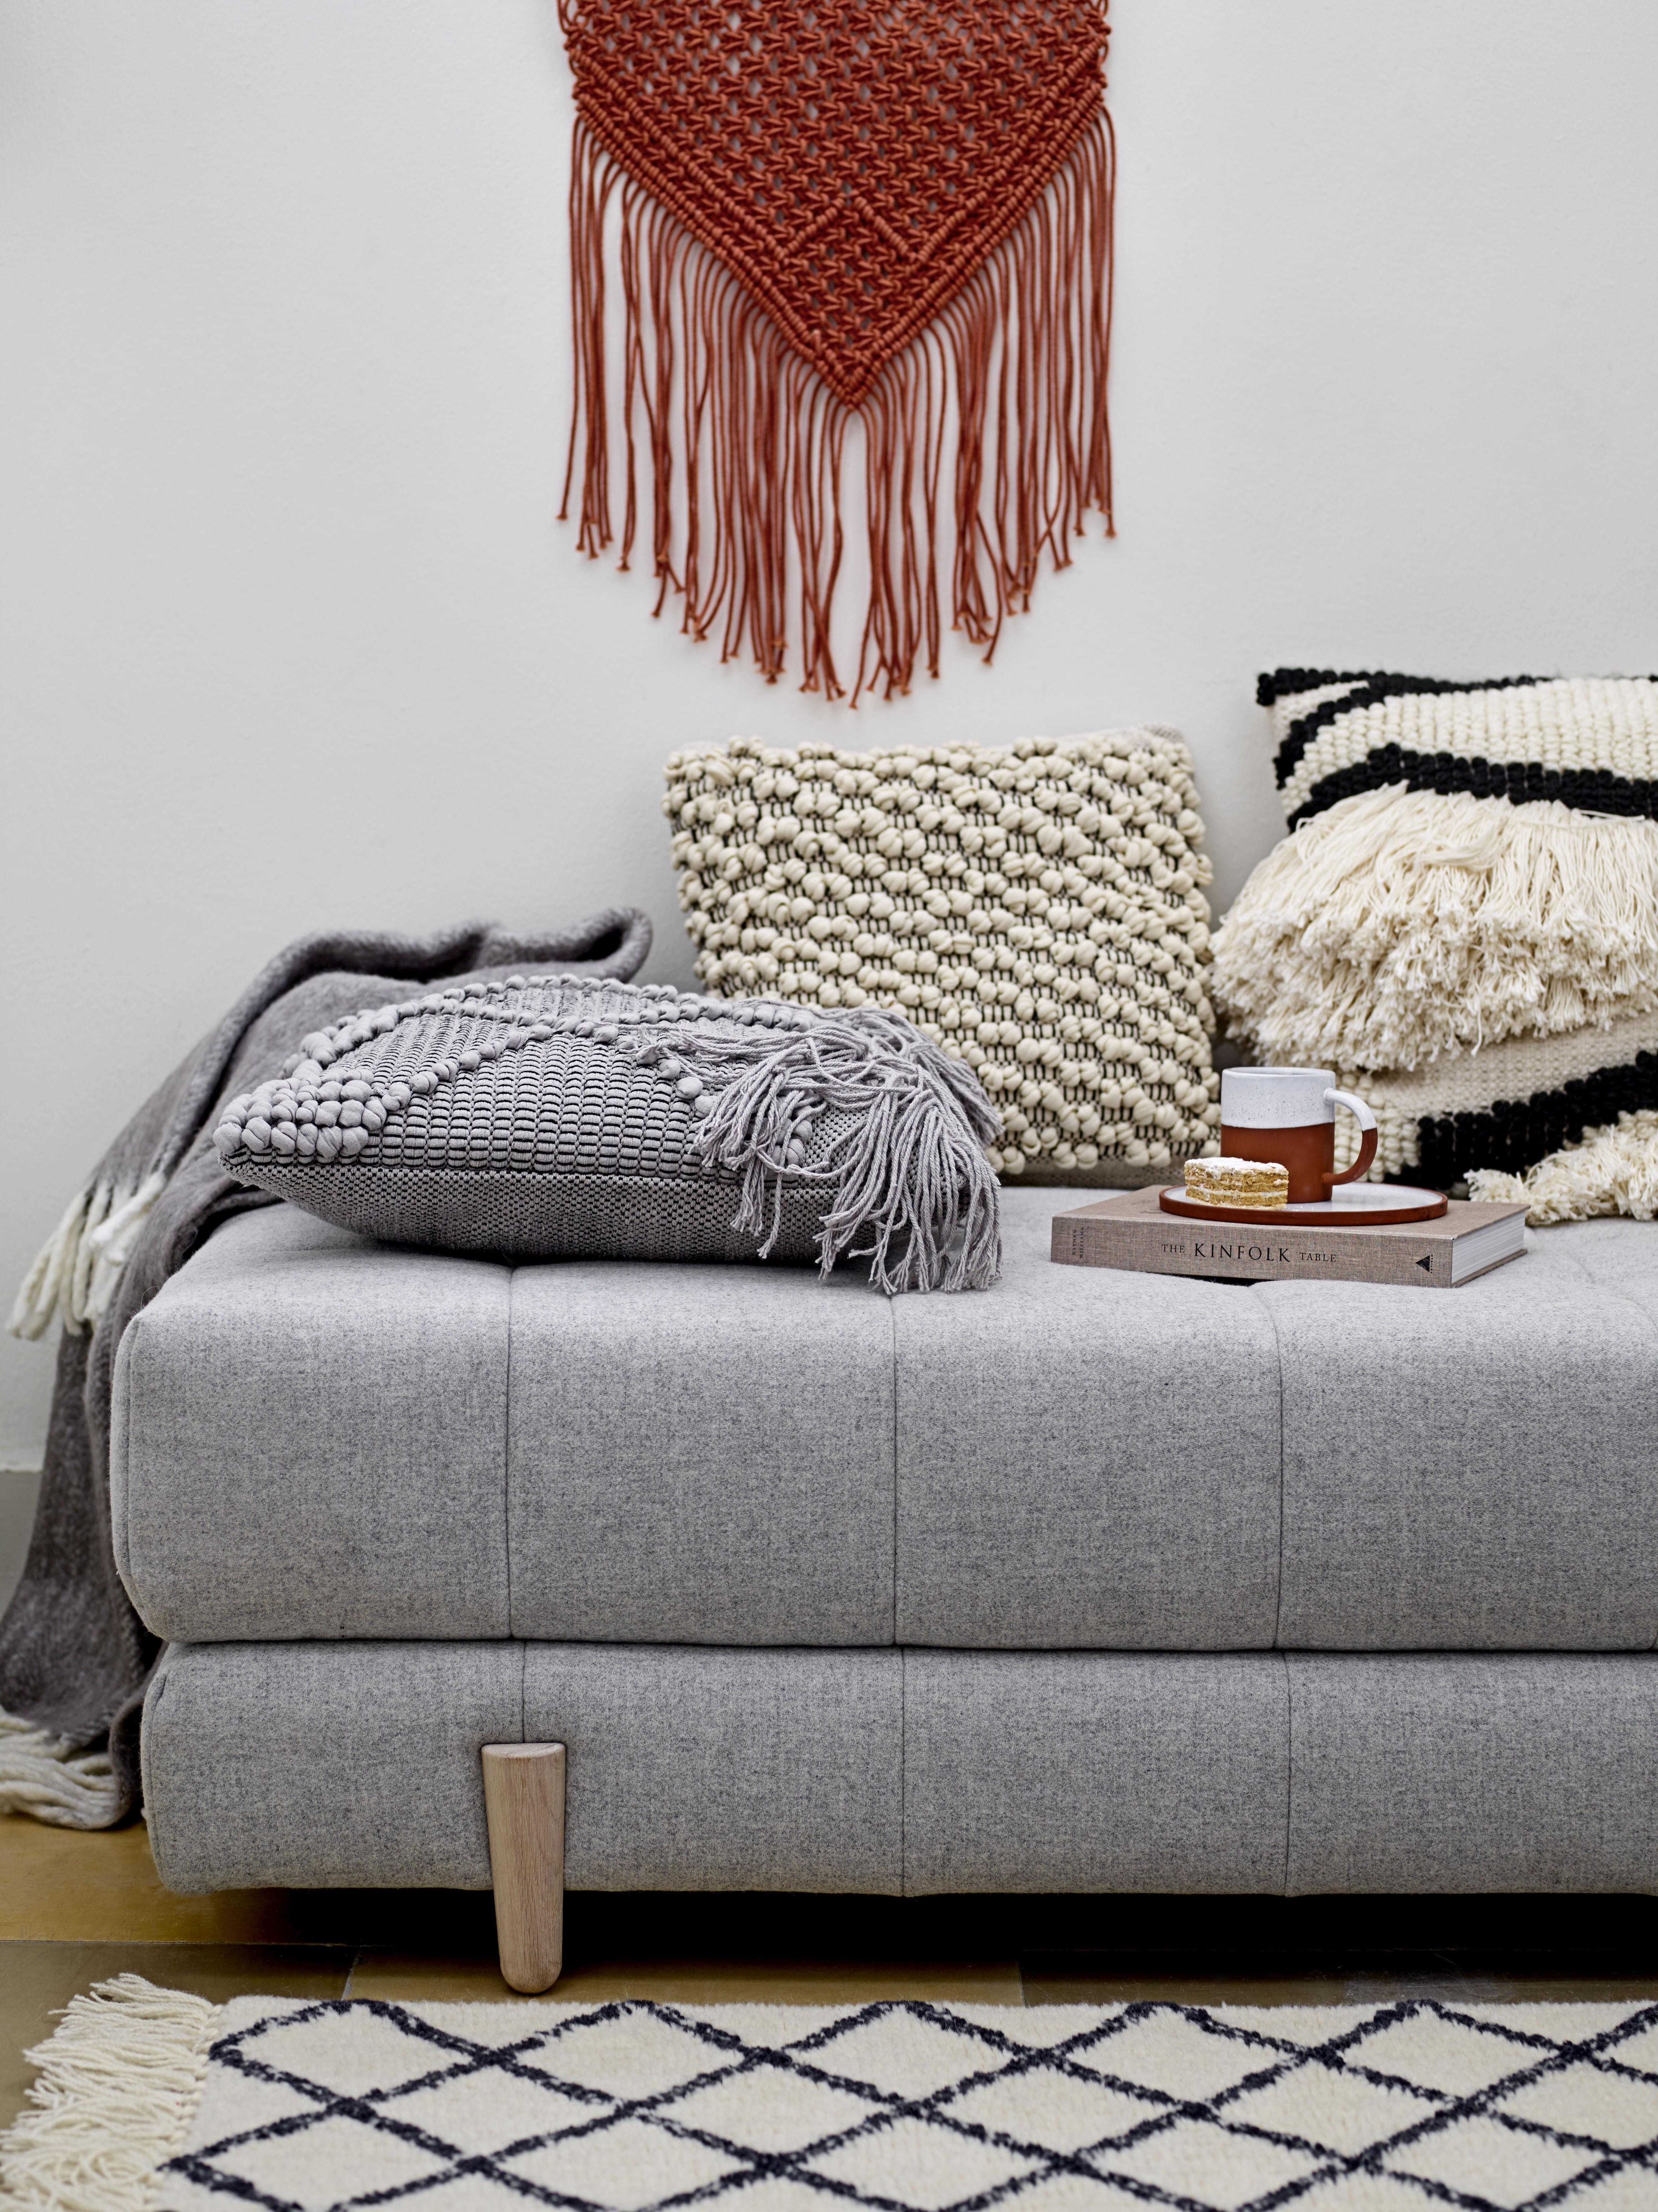 Scopri panca bulky divano dormeuse trasformabile in letto a 2 piazze di bloomingville made - Divano letto 2 piazze ...